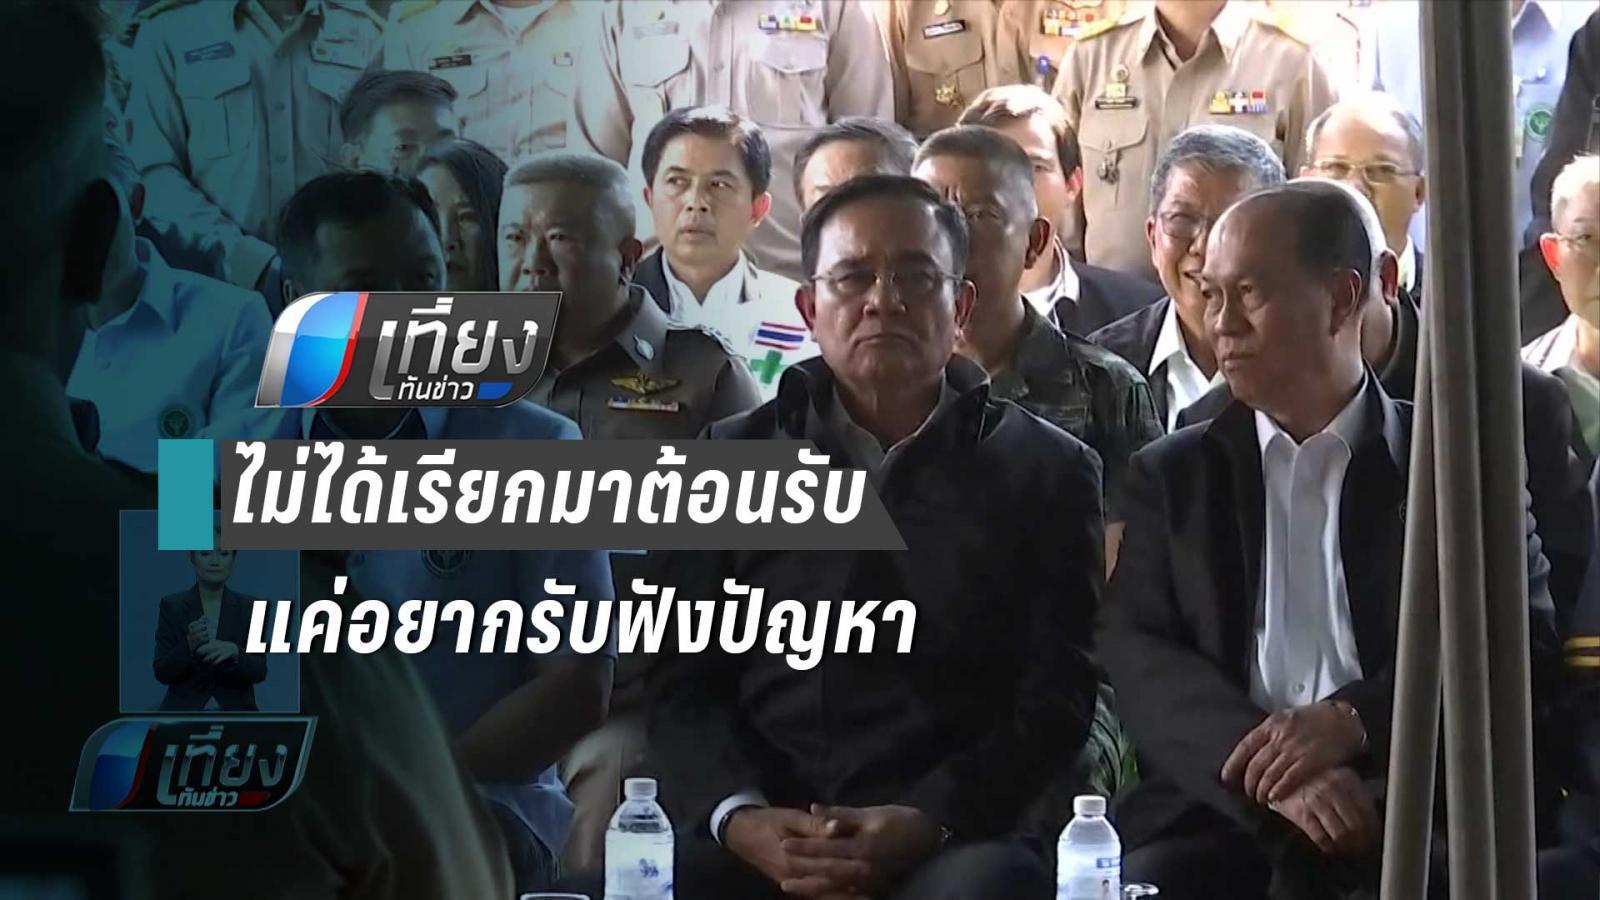 """""""บิ๊กตู่"""" แจงไม่ได้เรียก ส.ส. เพื่อไทยมาต้อนรับ แต่แค่อยากฟังปัญหา"""